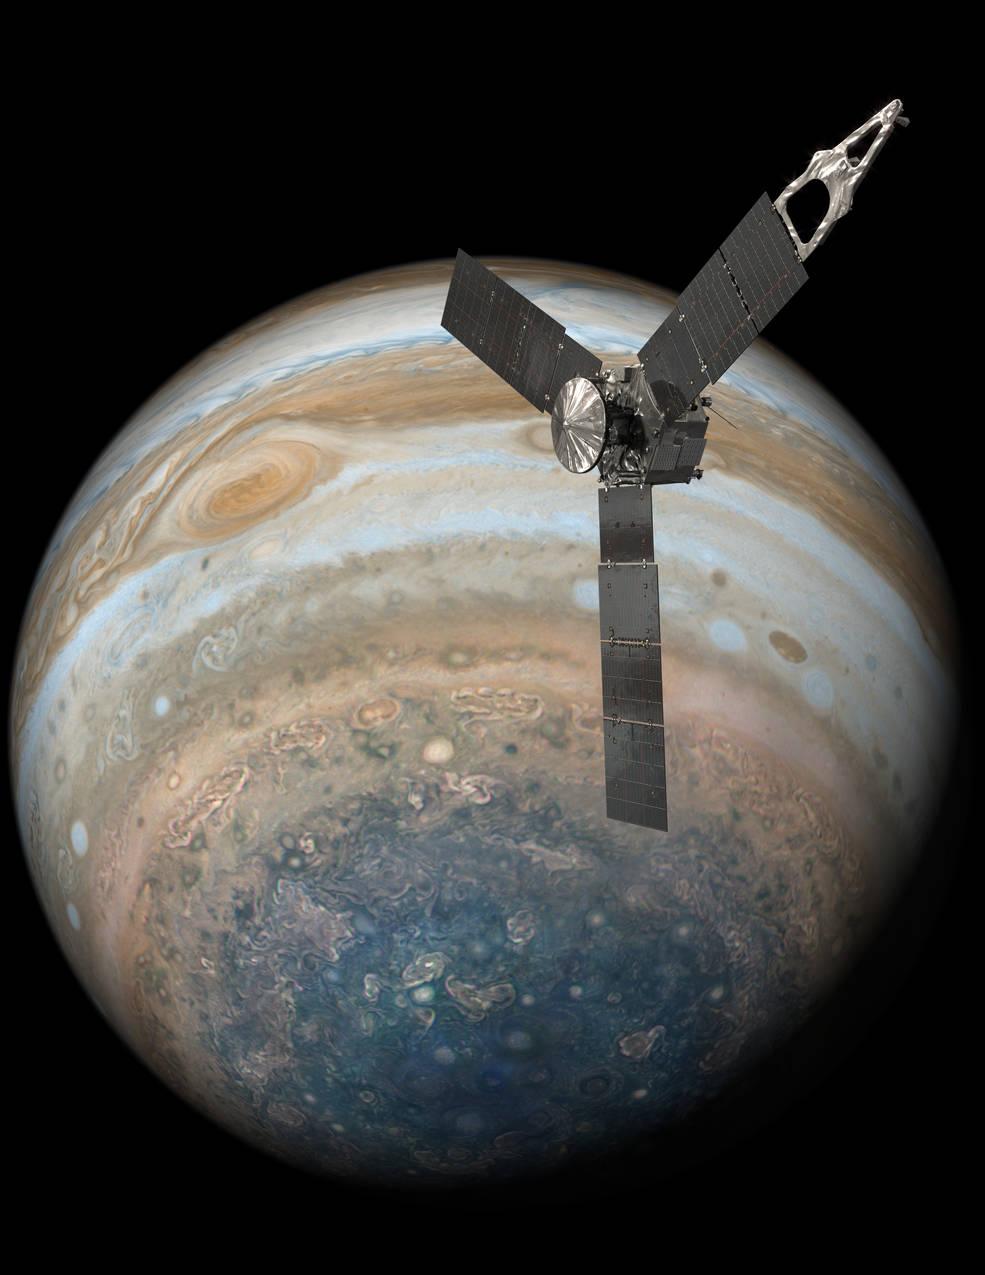 Juno realizó con éxito su último sobrevuelo y después de más de una semana, por fin pudo enviar las tan esperadas imágenes. ( Crédito: NASA/JPL-Caltech)